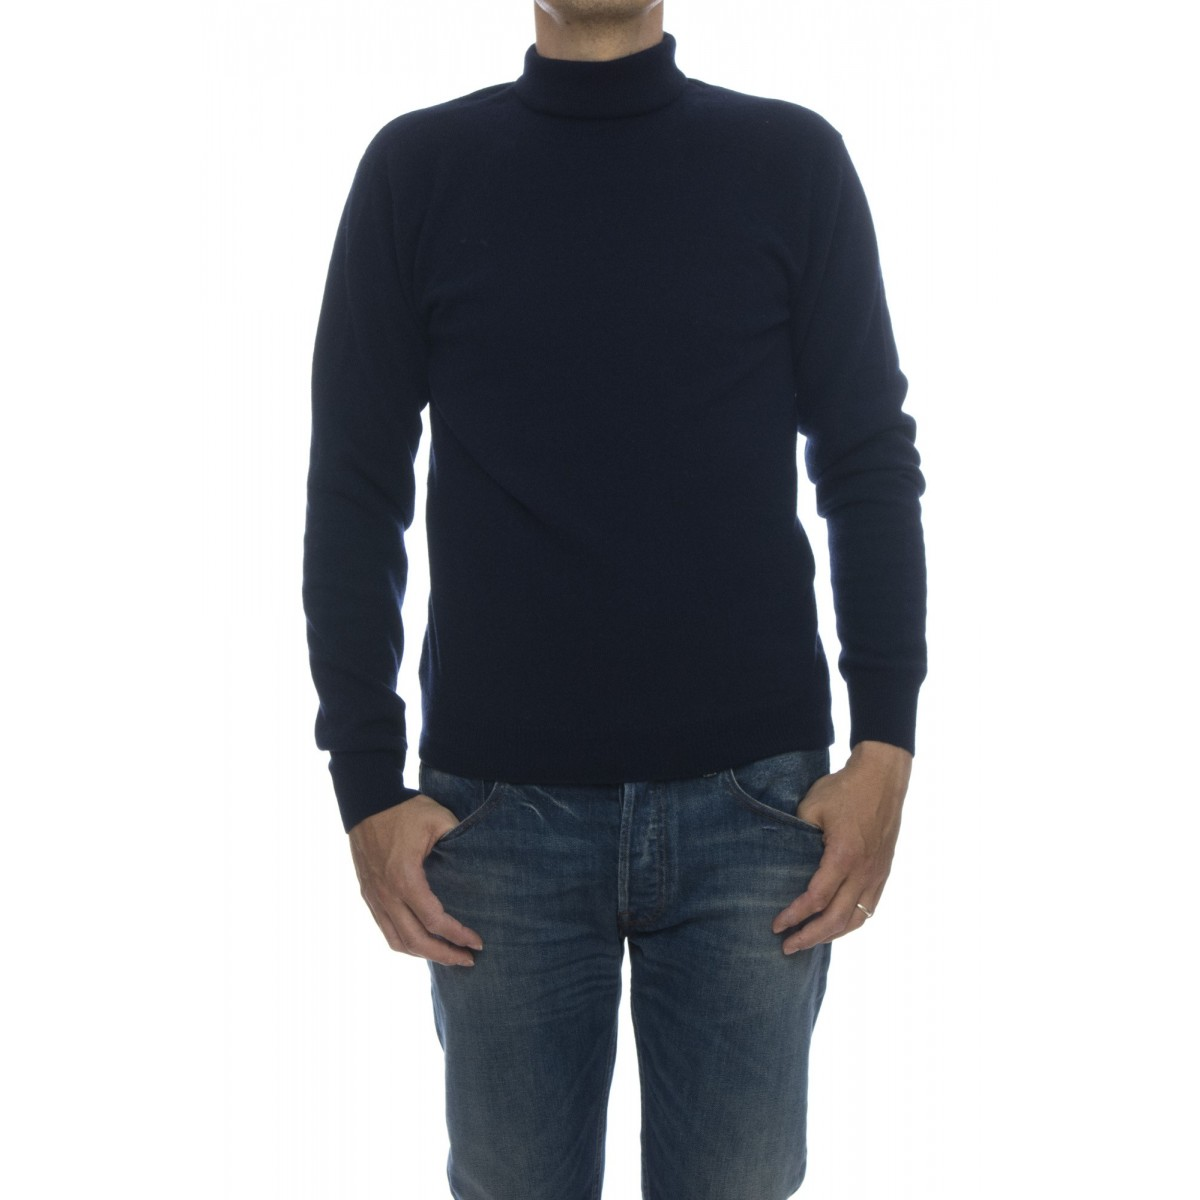 Maglia - Rb05 maglia collo alto cashmeire ricilato